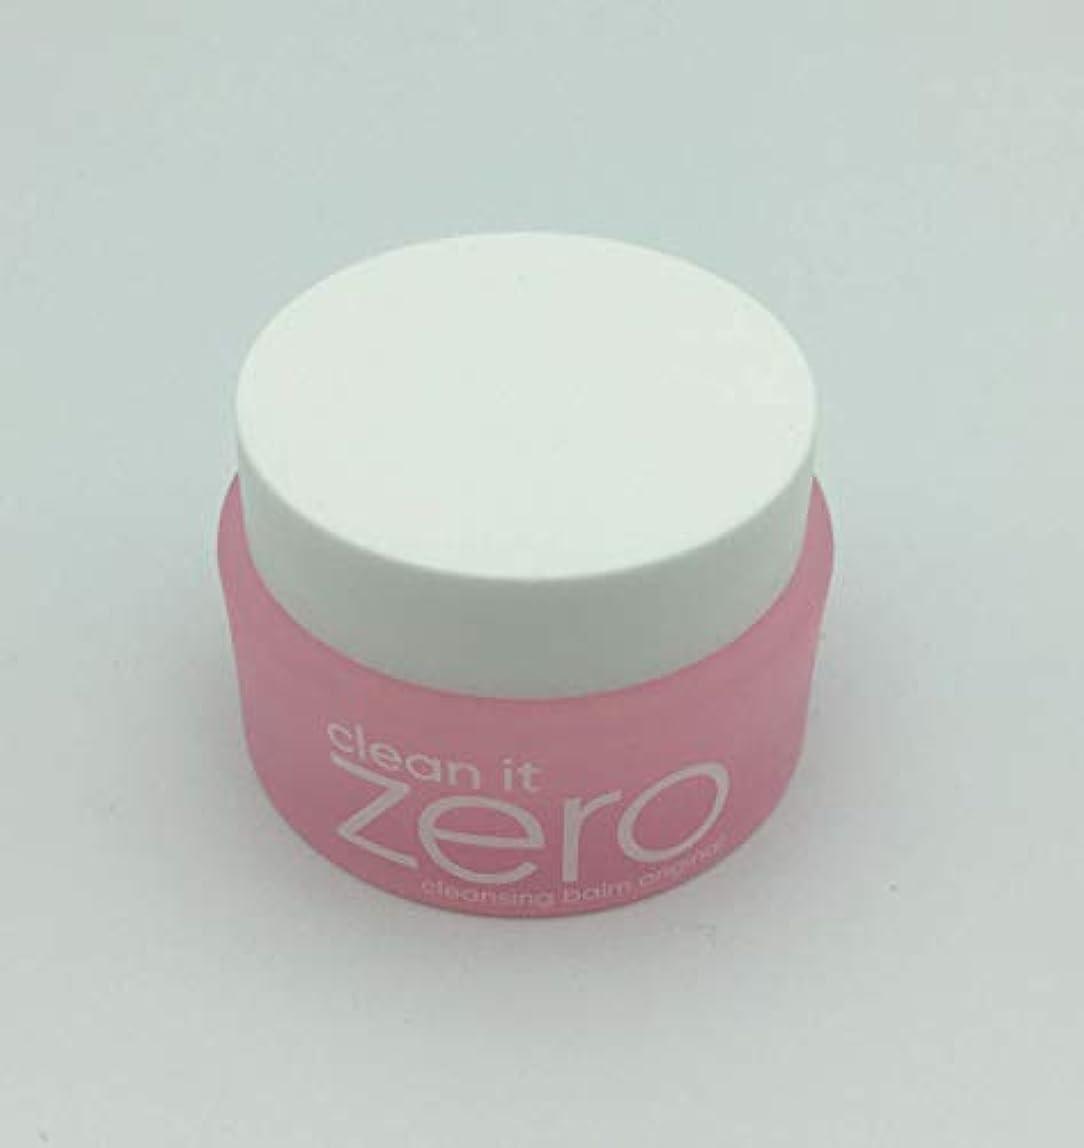 指慈善そんなにバニラコ クリーン イット ゼロ クレンジング バーム オリジナル 25ml / Clean It Zero Cleansing Balm Original 25ml [並行輸入品]